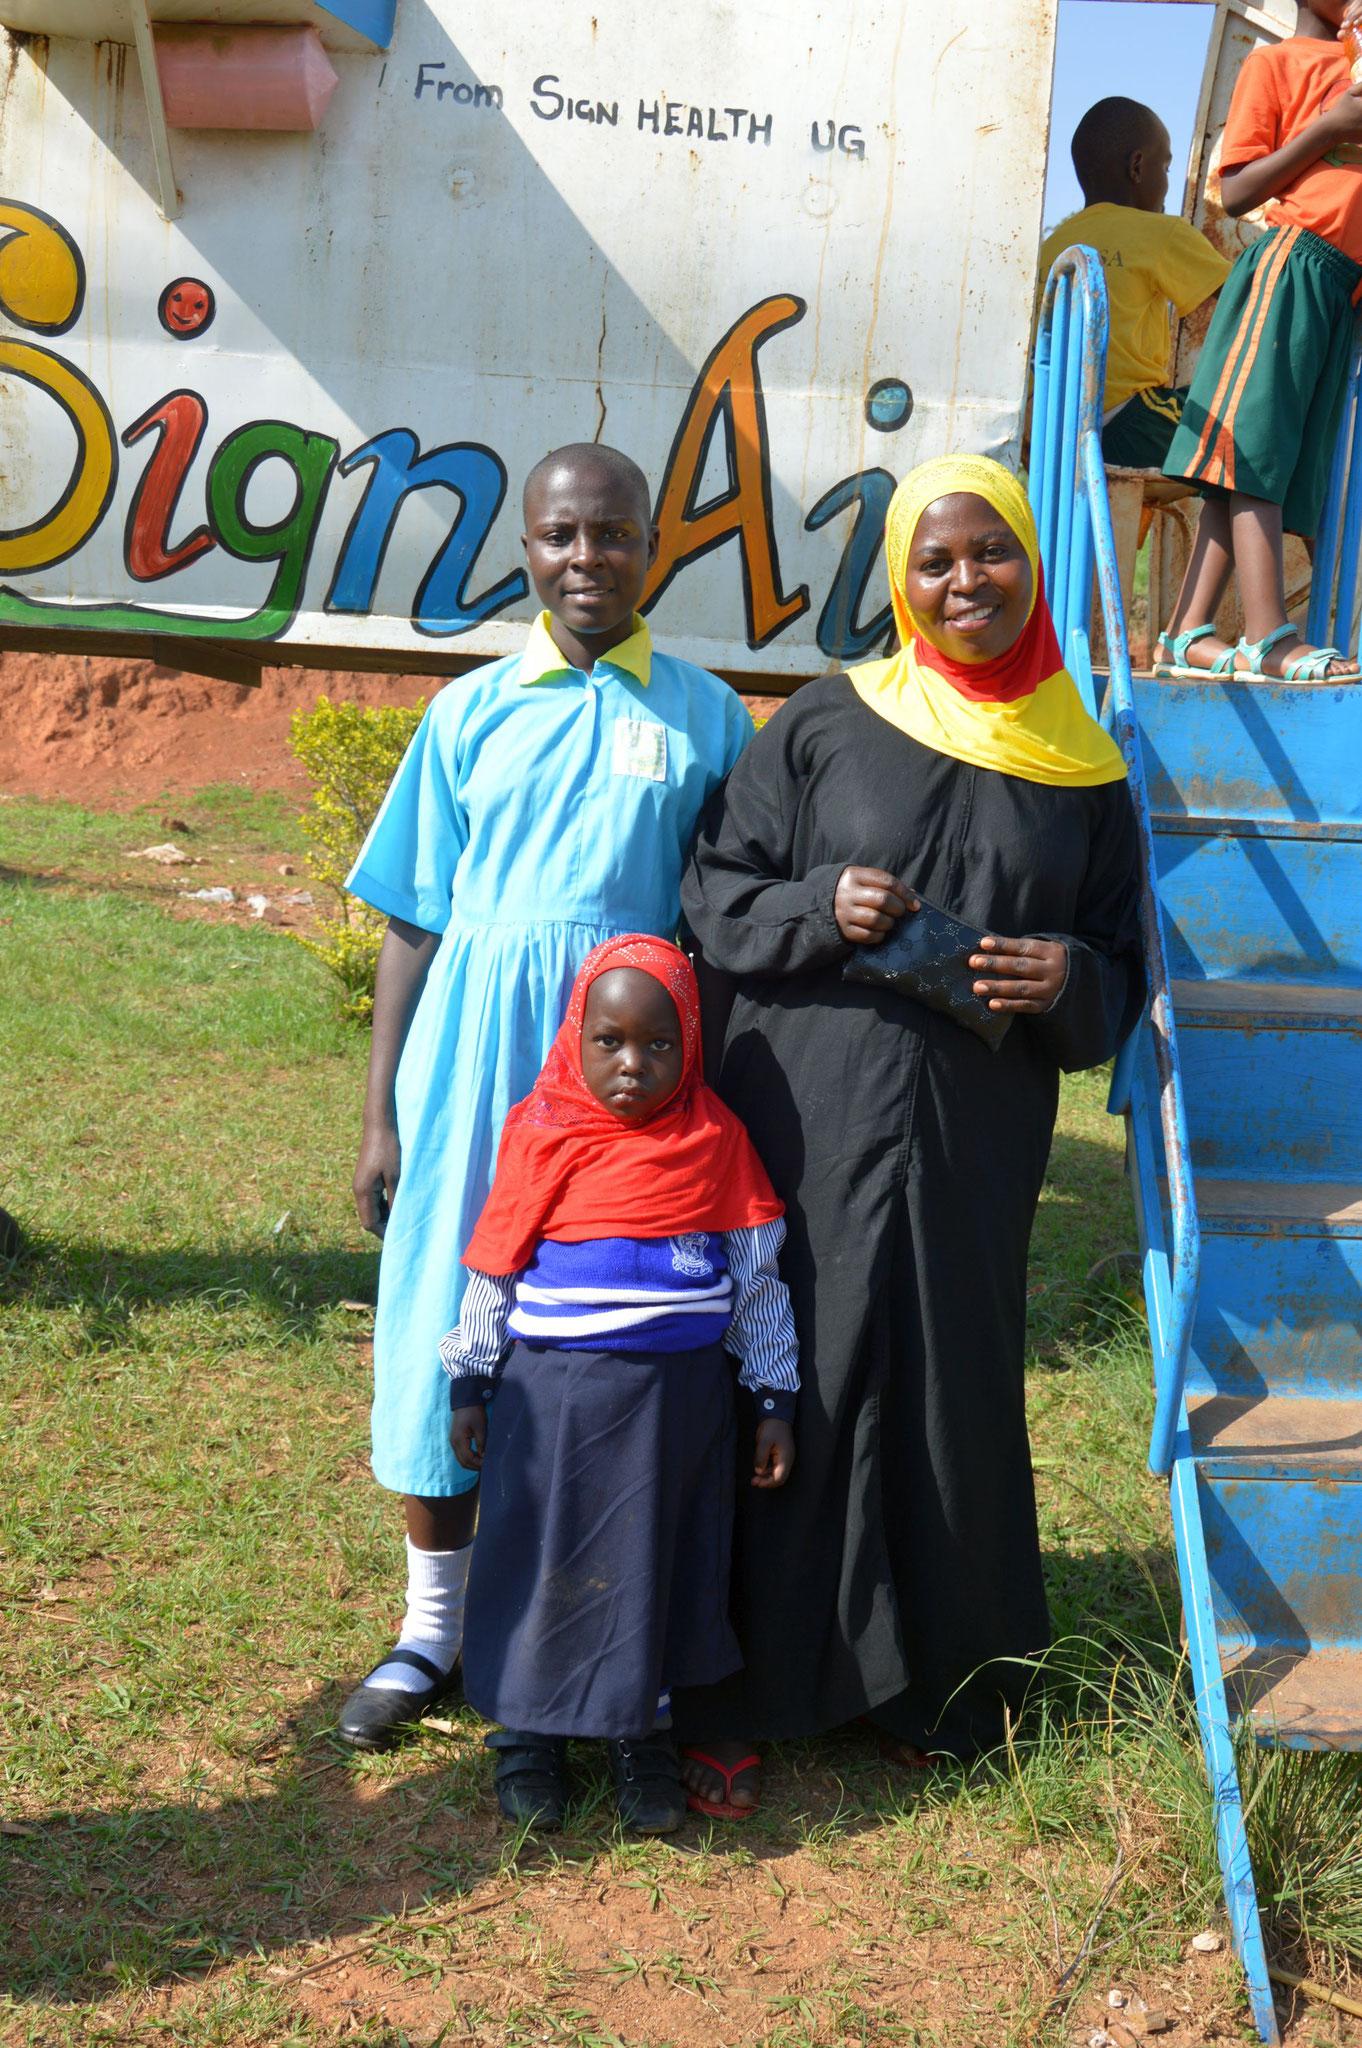 Eine Mutter hatte mich gefragt, ob ich ein Foto von ihr und ihren beiden Töchern machen könnte, das schönste an diesem Foto ist, dass zwar die Mutter und die Tochter ein Kopftuch tragen, unsere Schülerin allerdings nicht.